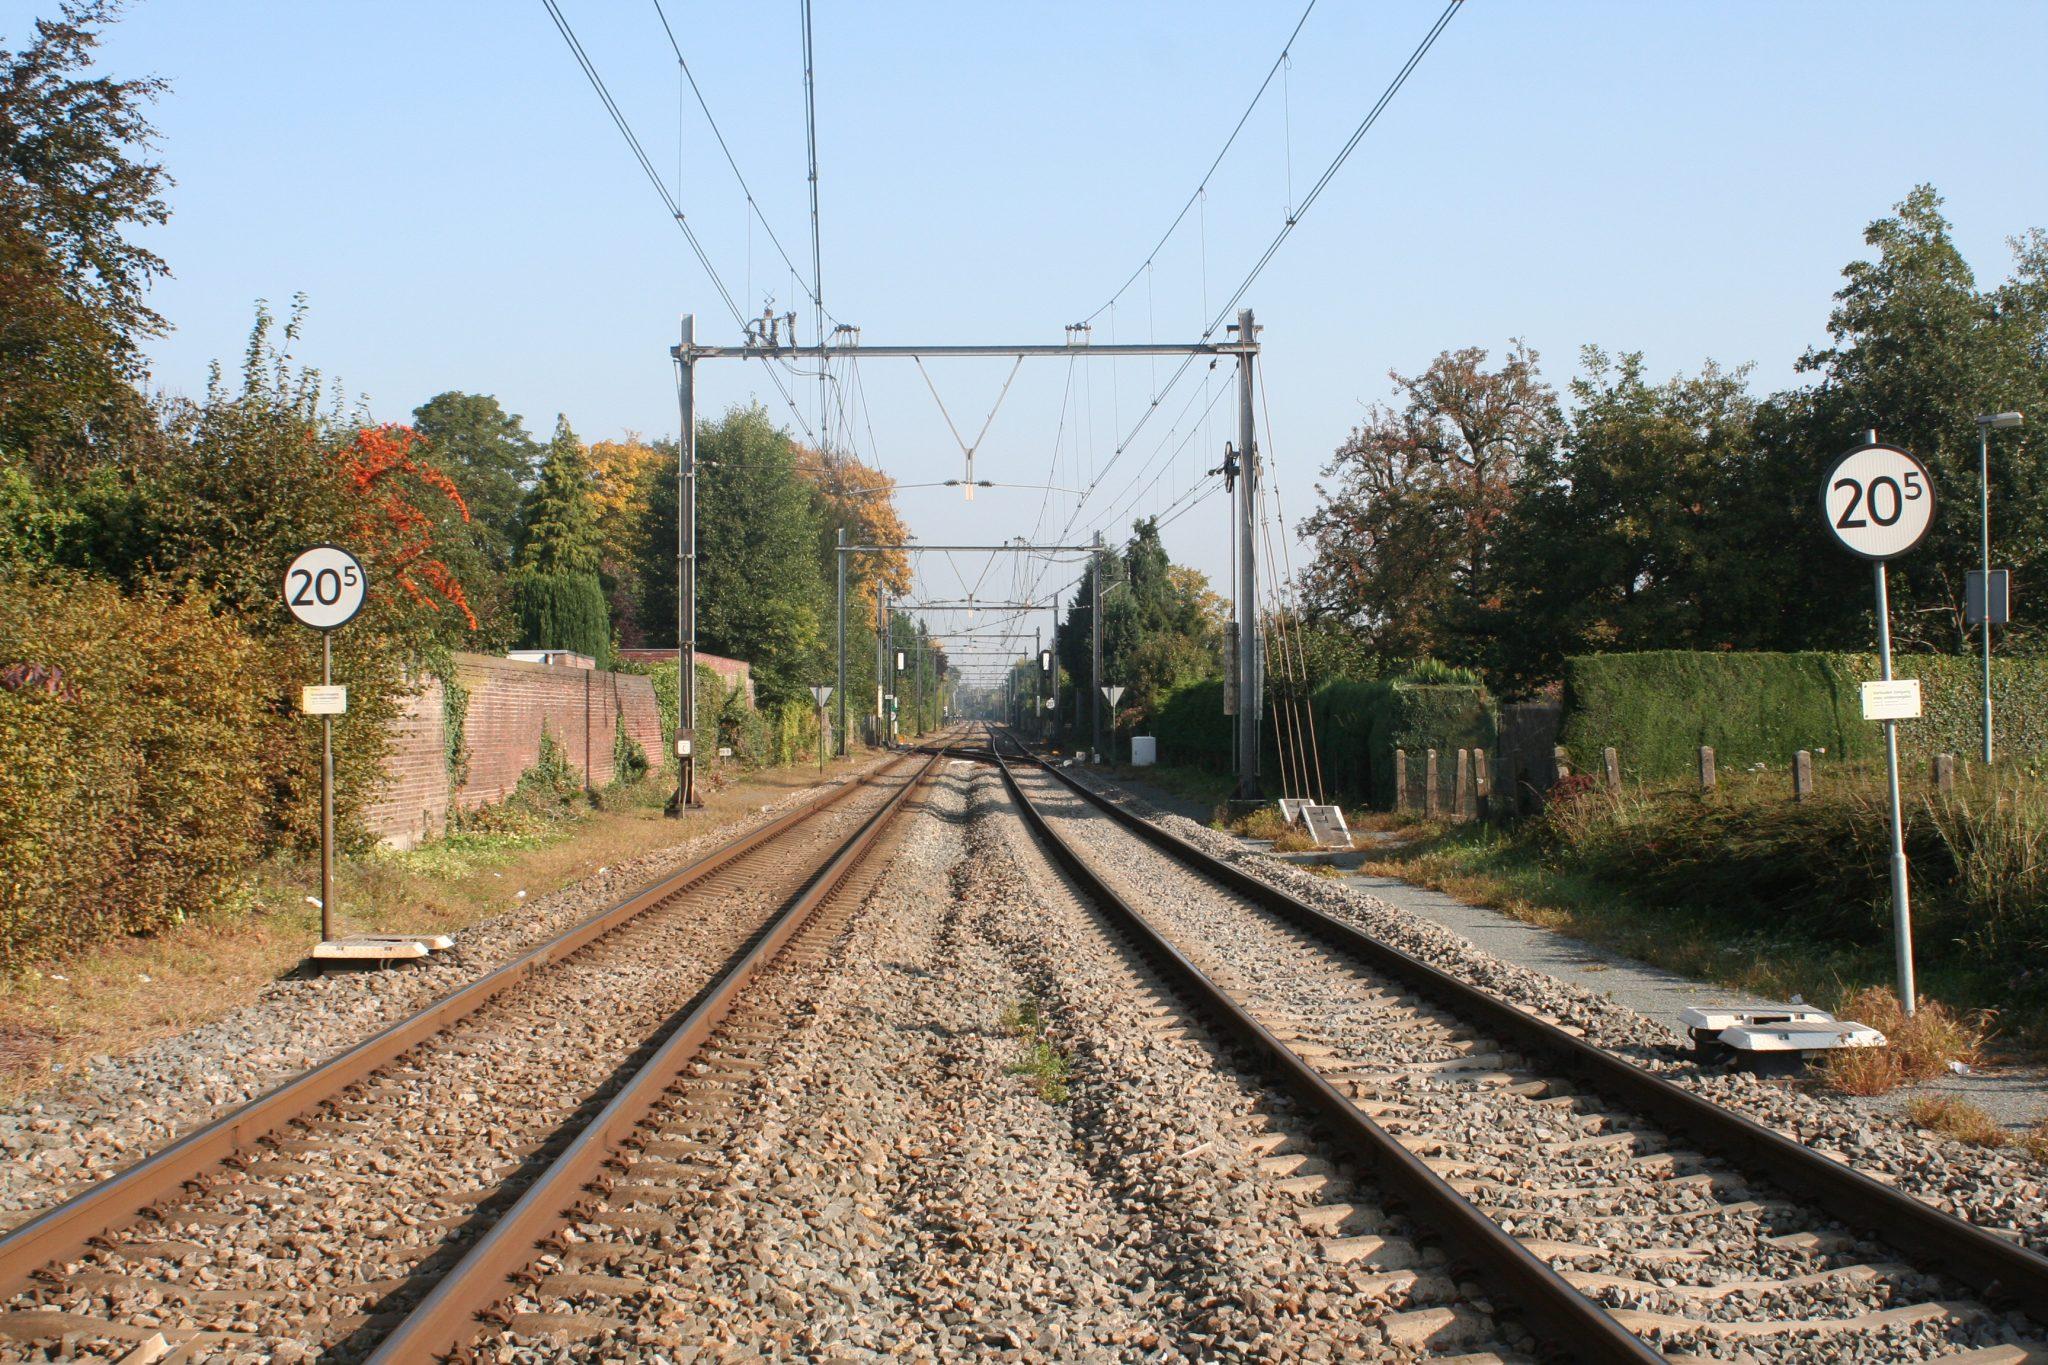 IMG_1516_Km19.814_Zicht-op-spoorbaan-richting-Maastricht